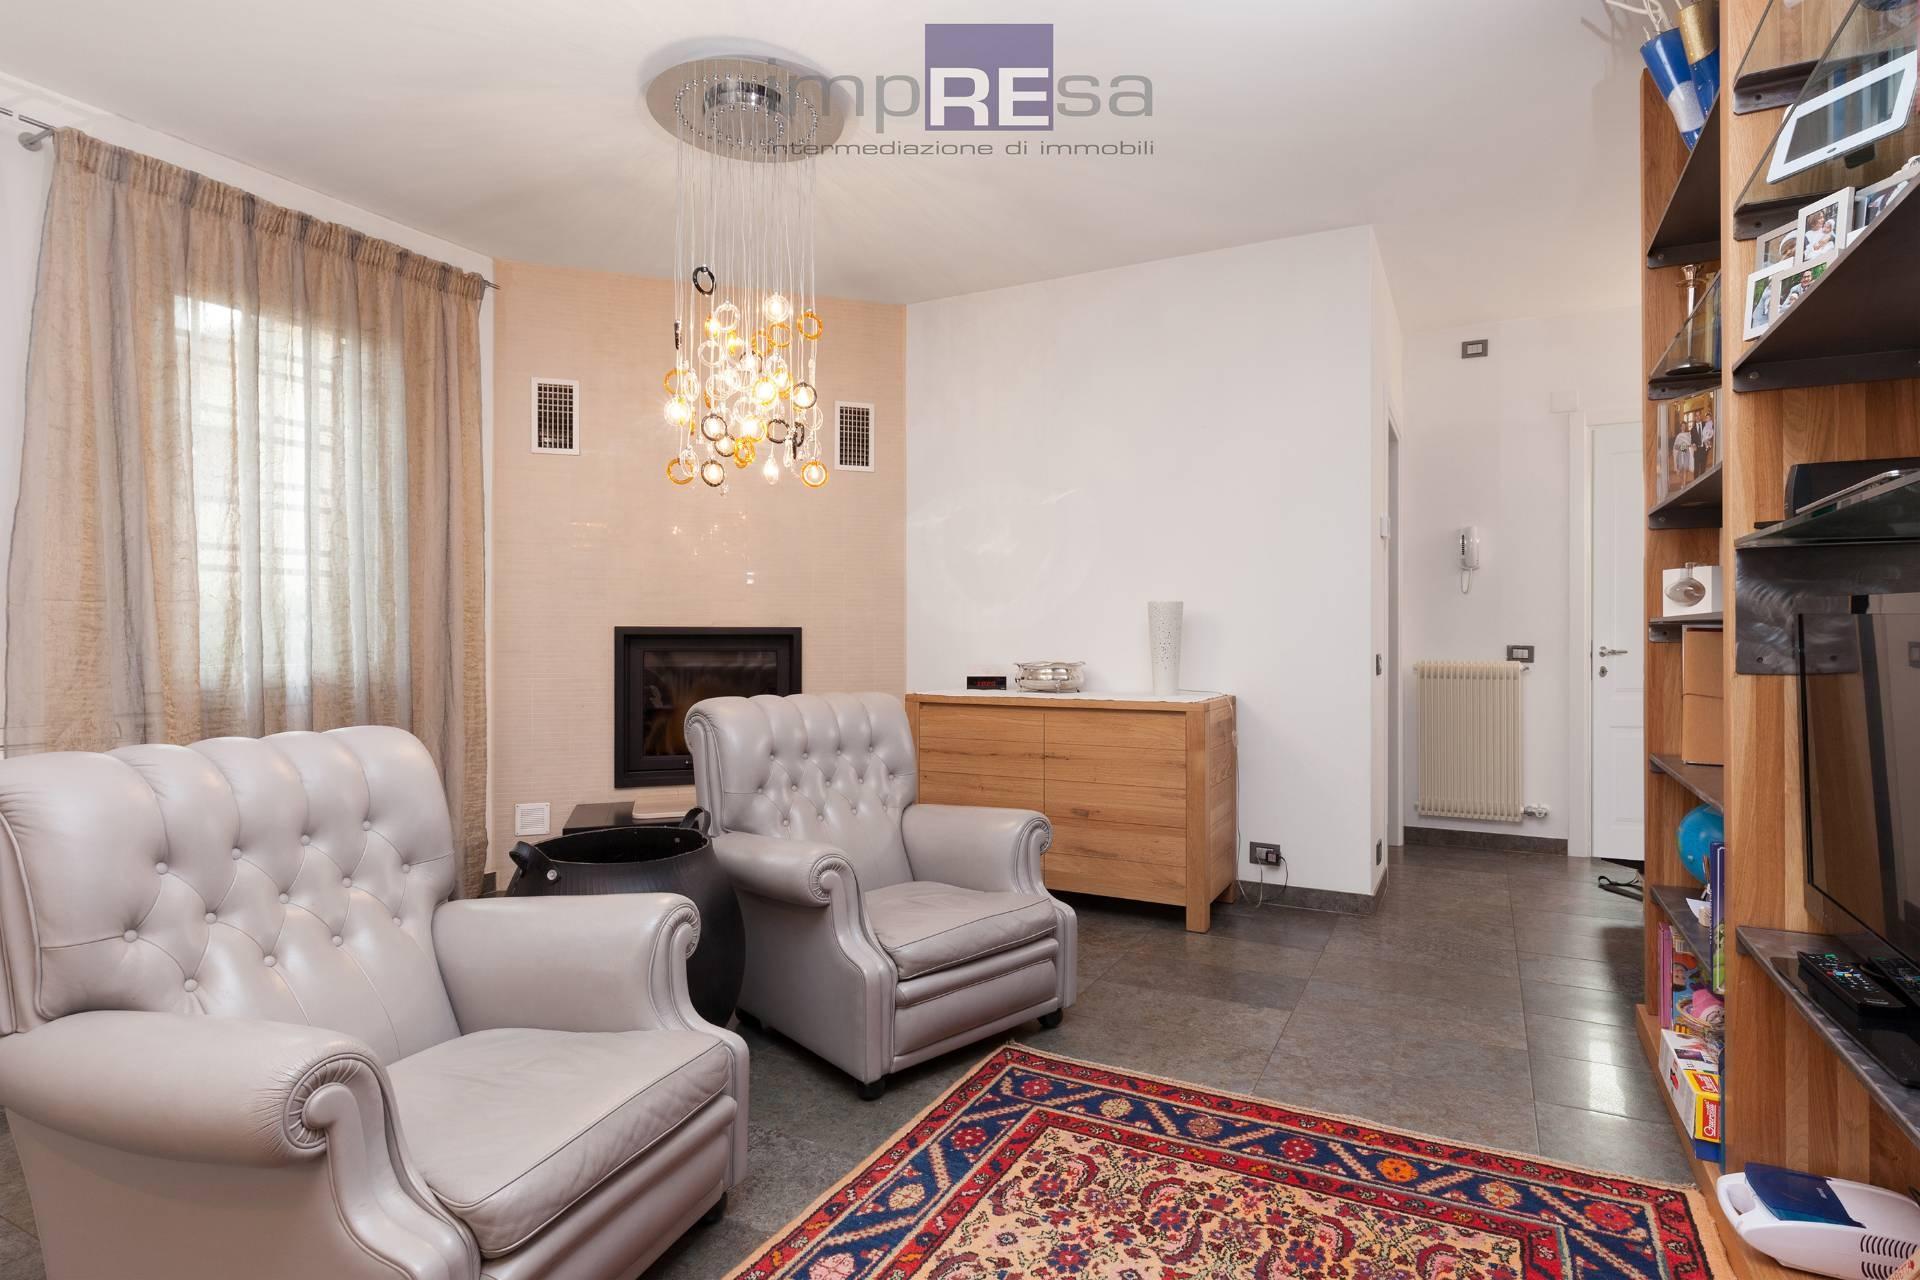 Villa Bifamiliare in Vendita a Treviso - Cod. I/SC126